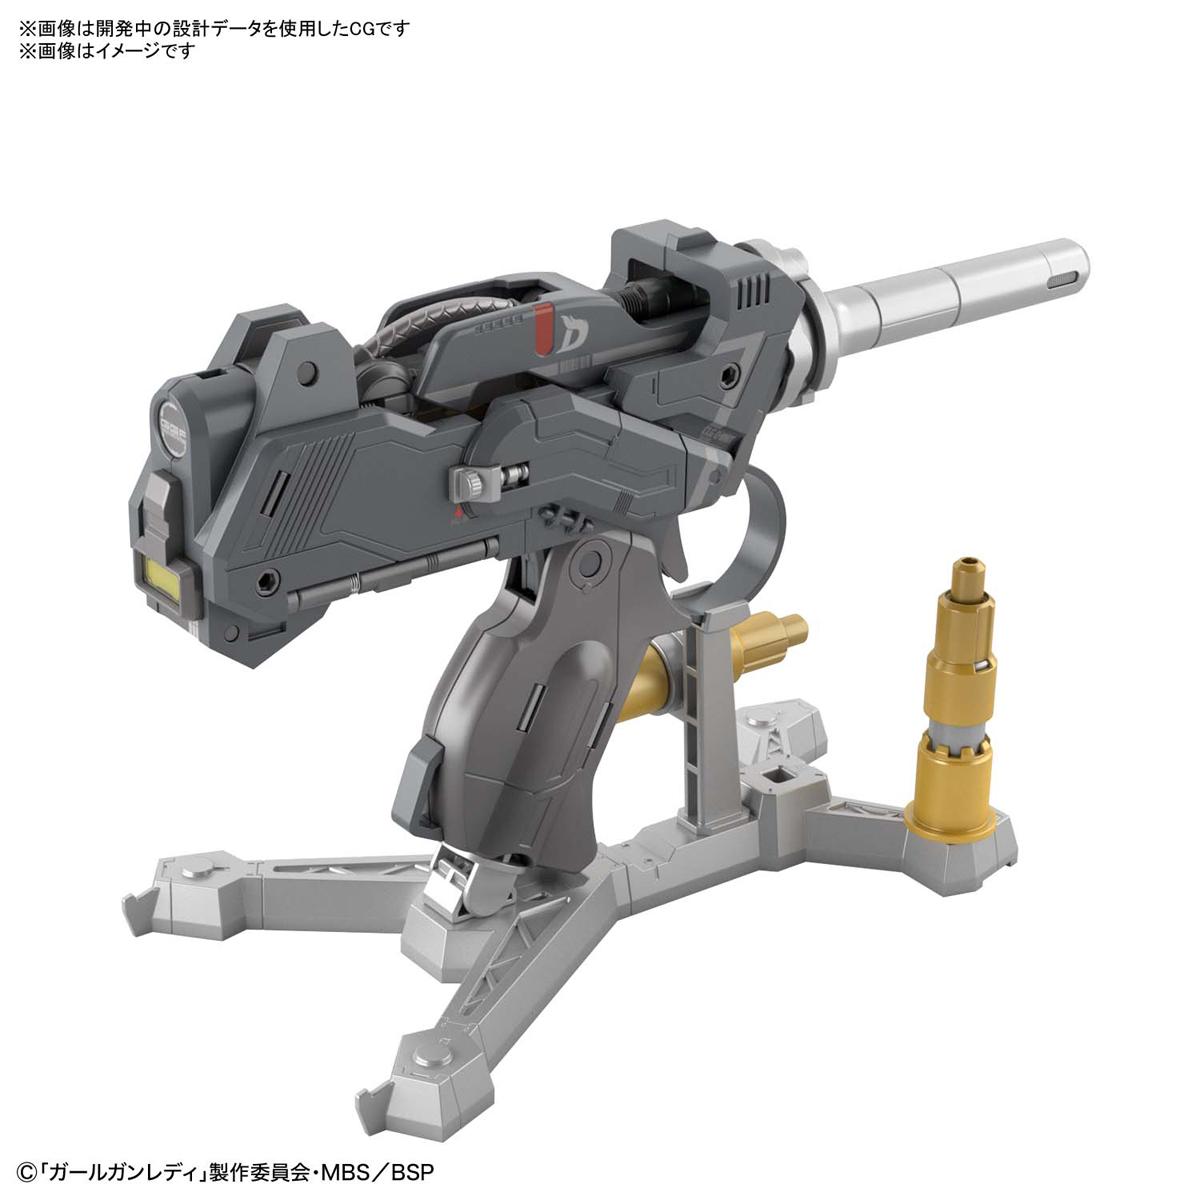 ガールガンレディ『アタックガールガン Ver.ブラボータンゴ 初回限定Ver.』GGL 1/1 プラモデル-010